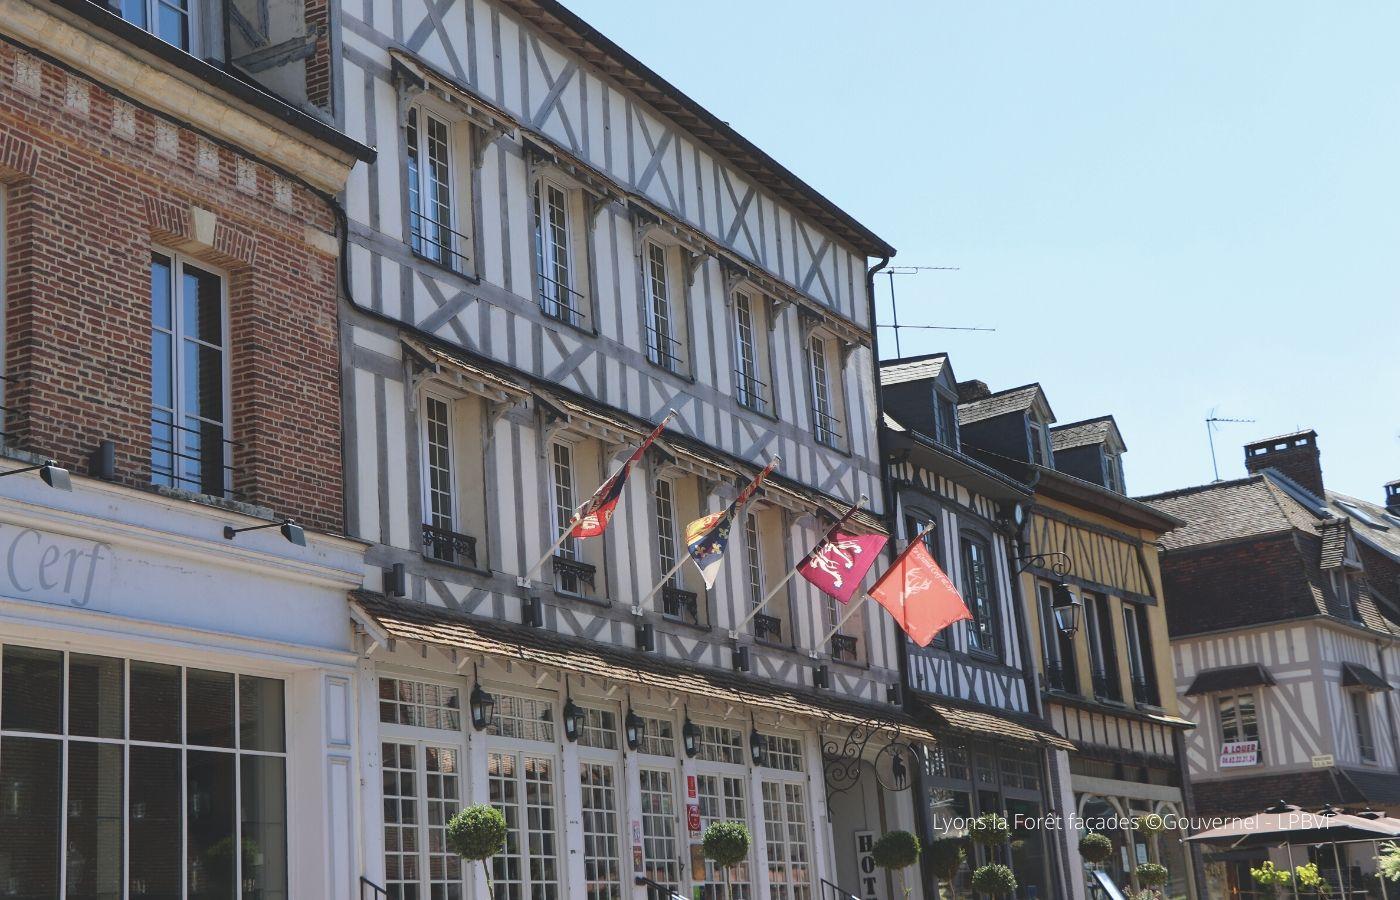 Séjour ou week end en amoureux Normandie - Lyons la Forêt - 4 roues sous 1 parapluie